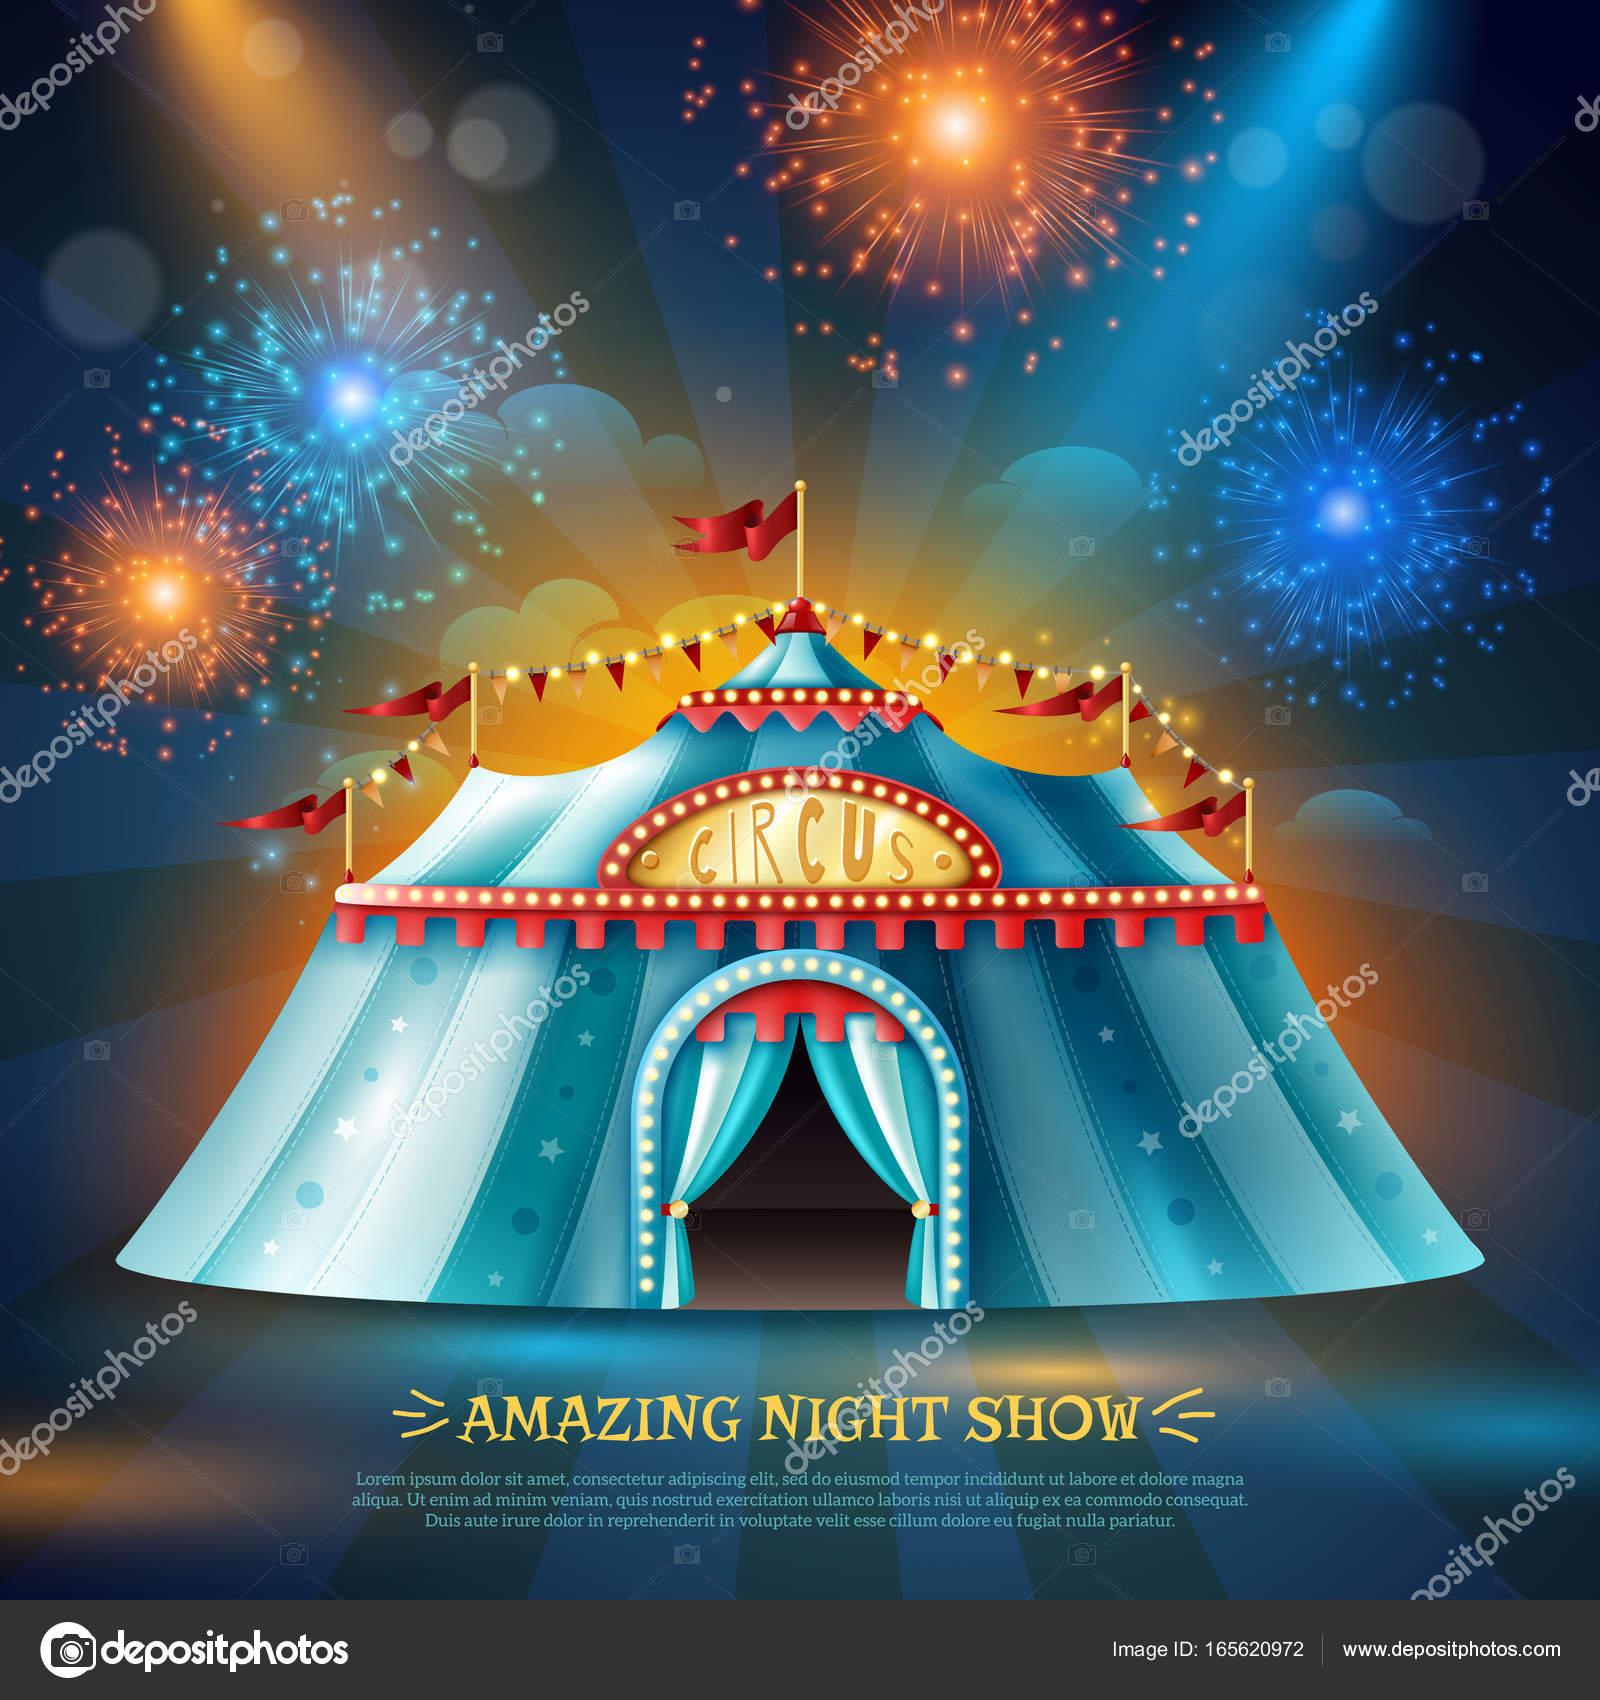 20250ebcab Tenda de circo viagens à noite em feixes de luz coloridas e ilustração em  vetor cartaz fundo azul escuro de fogo de artifício — Vetor por macrovector